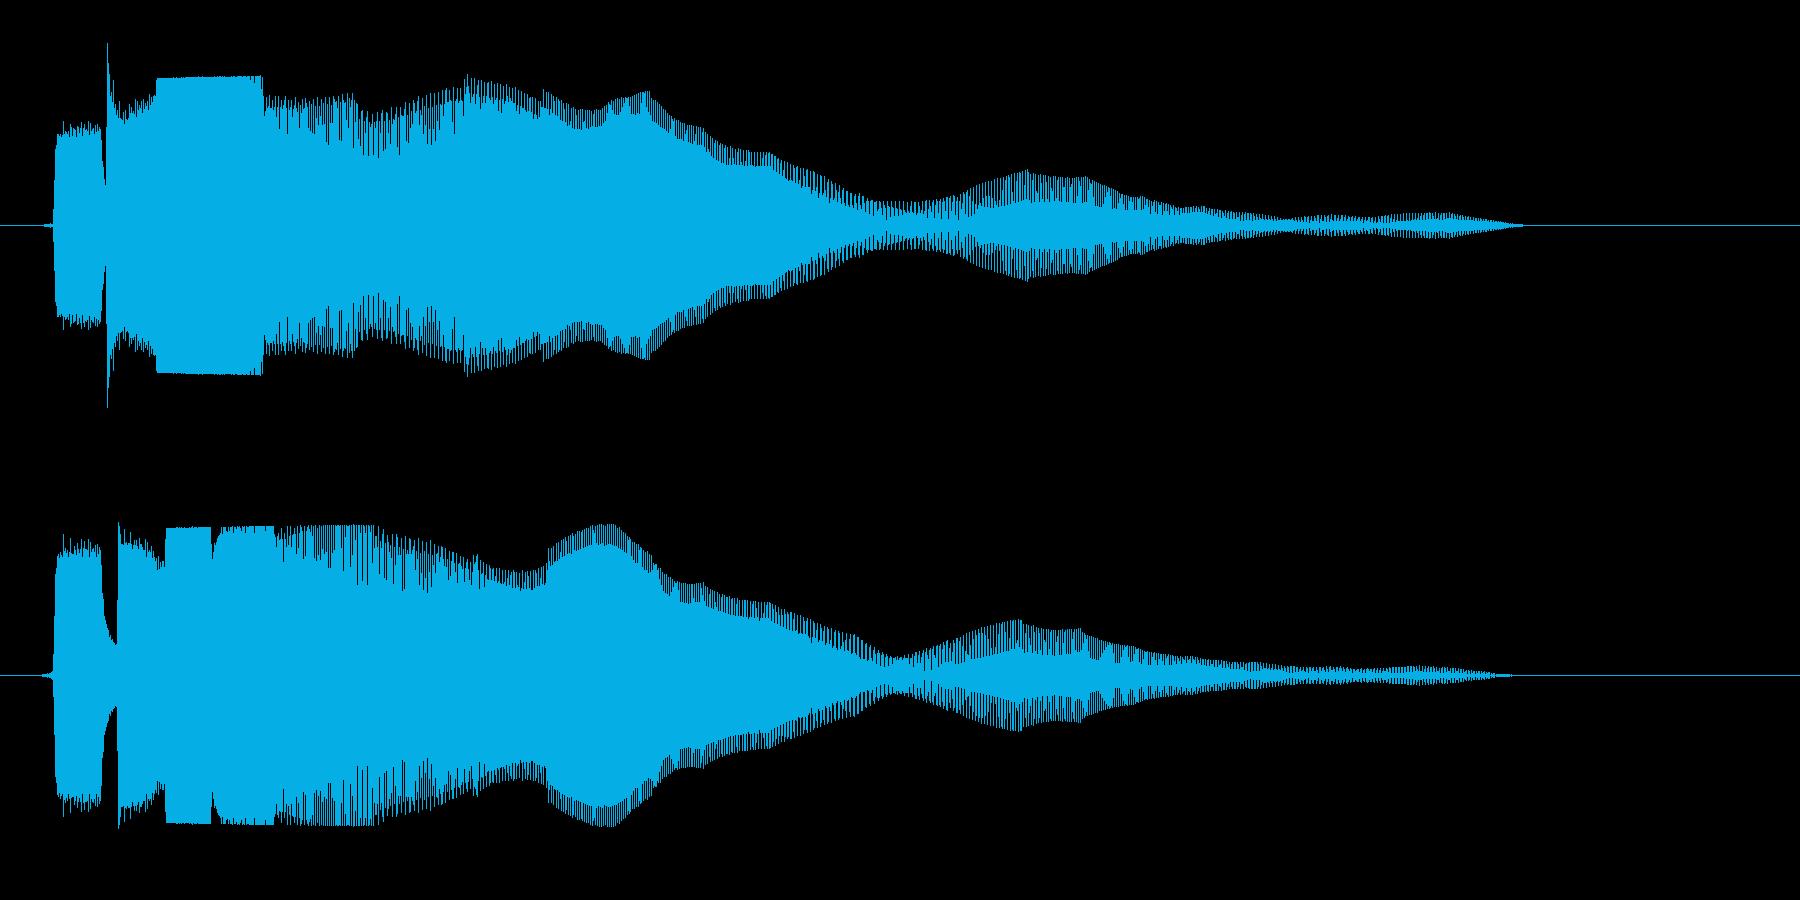 ピヨヨ〜ン(高くてかわいらしい感じ)の再生済みの波形